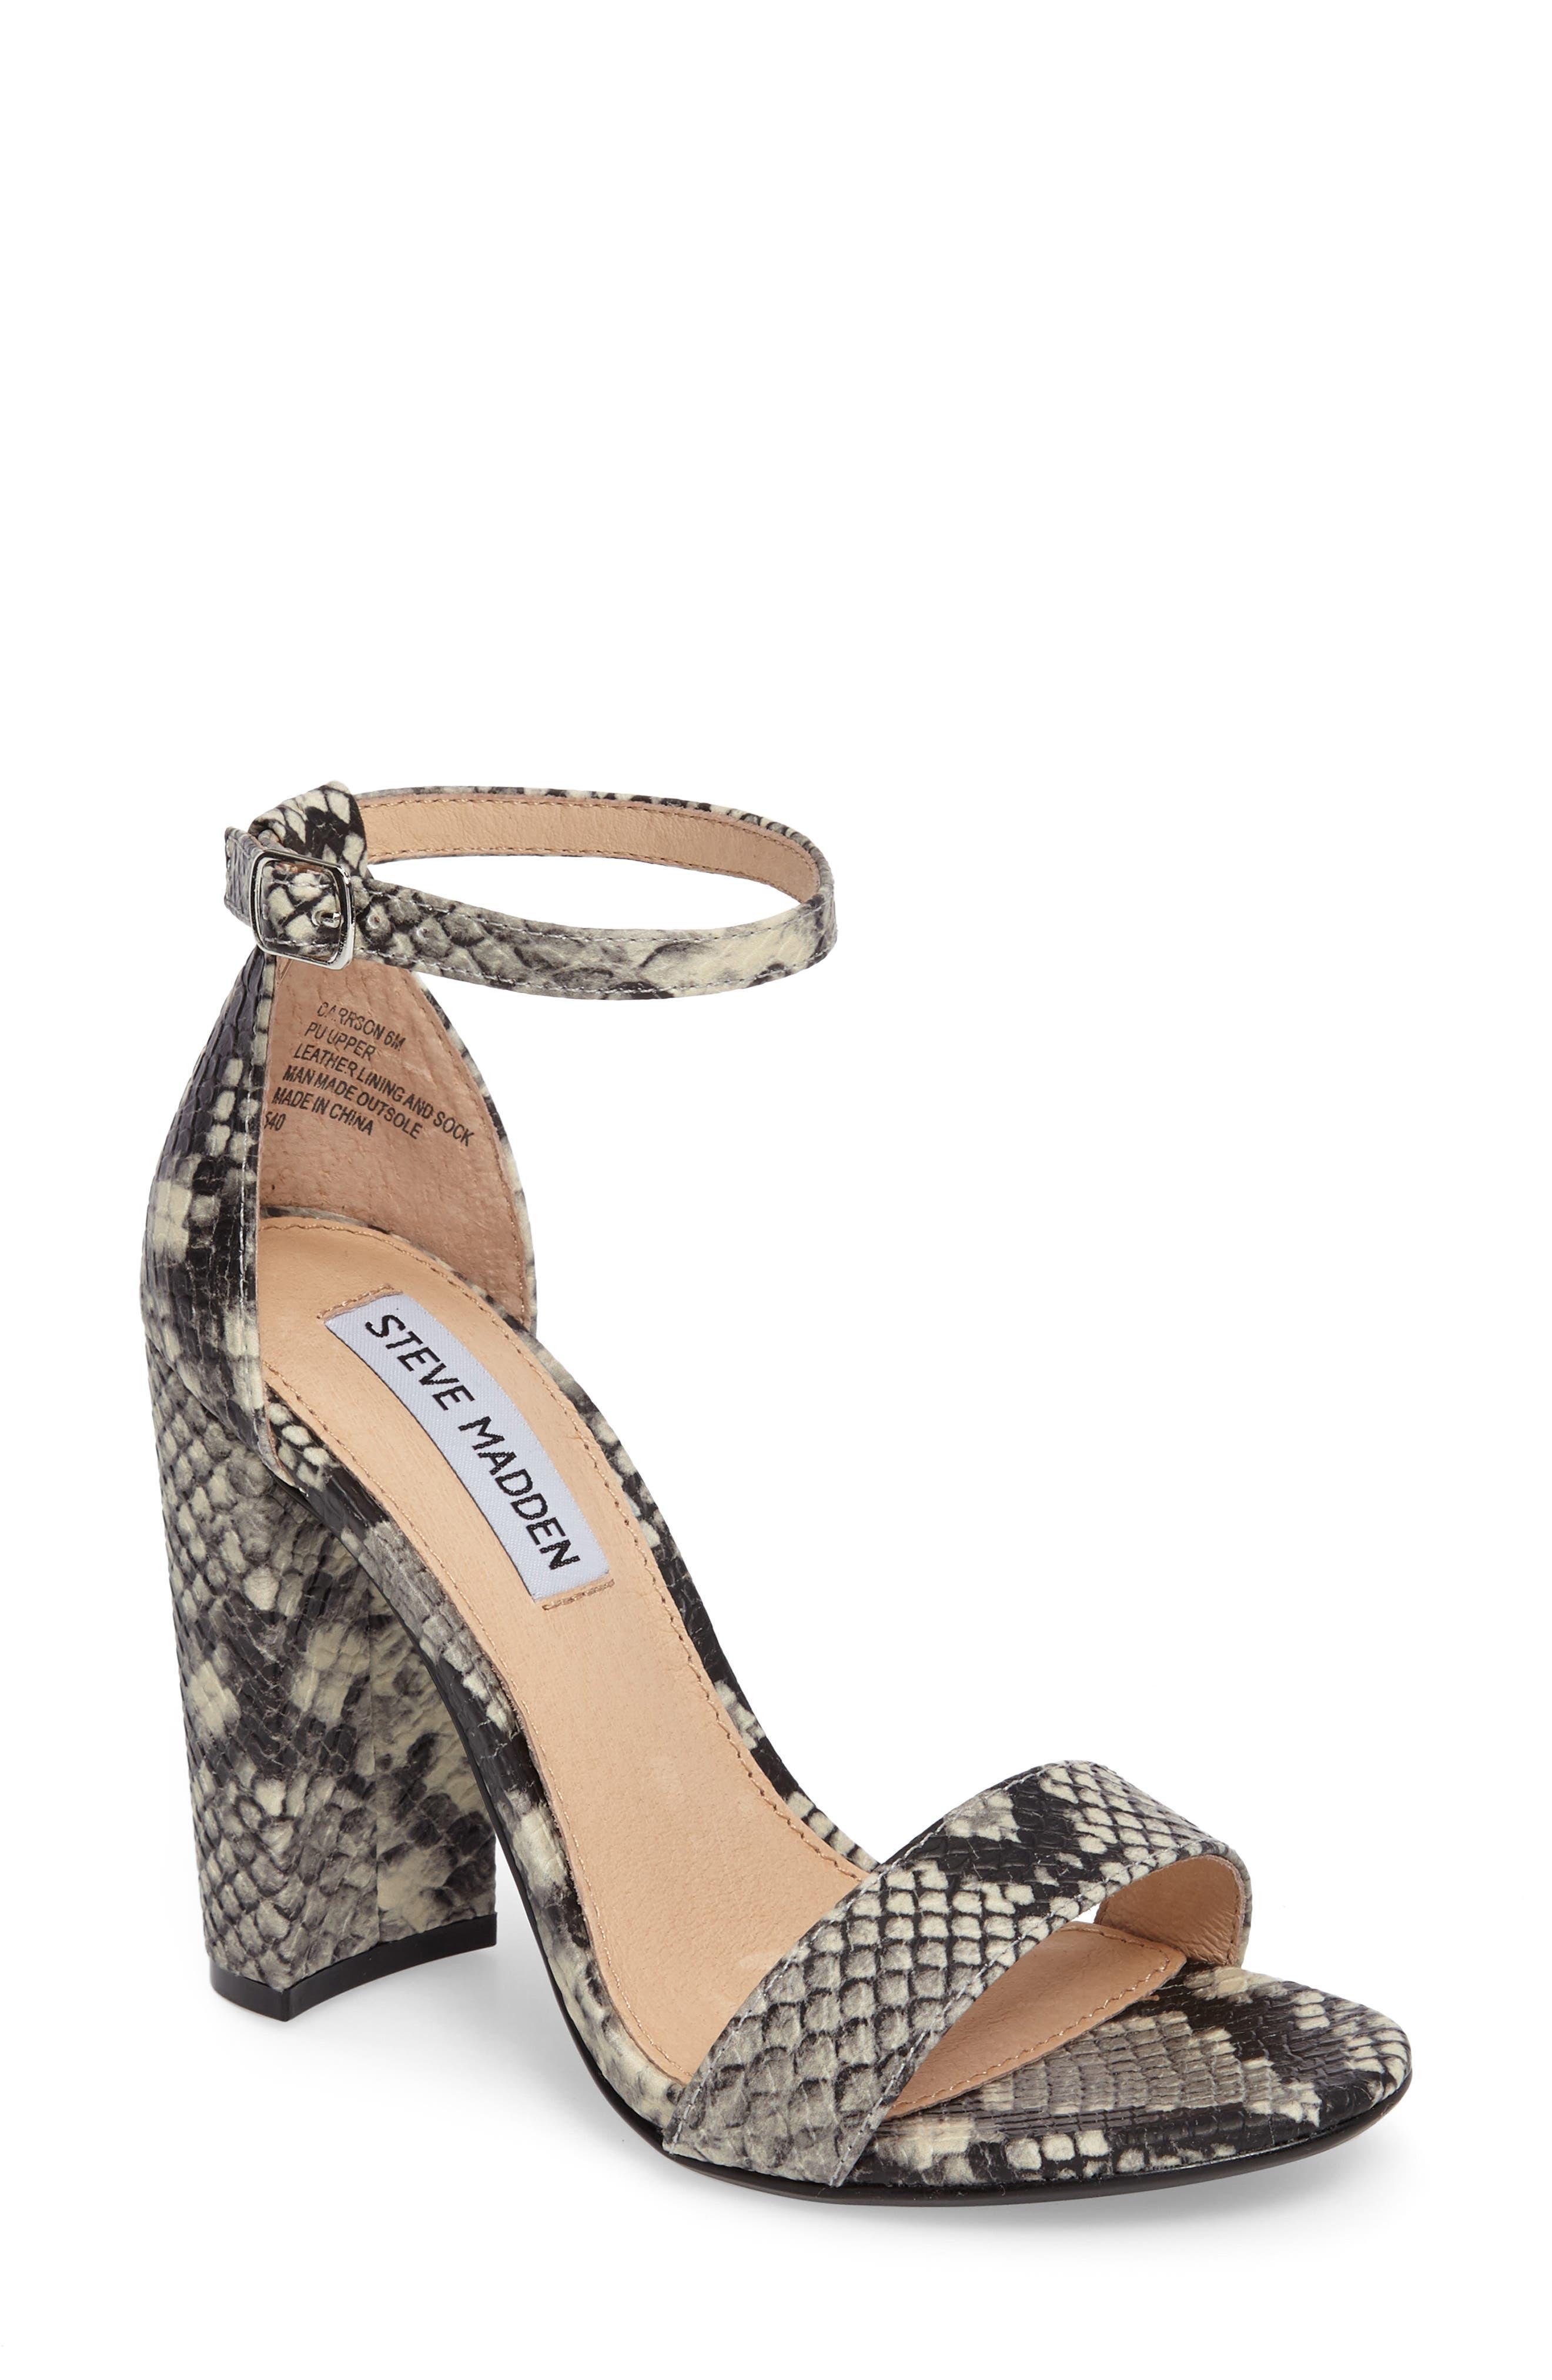 Black wedge sandals 2 inch heel - Black Wedge Sandals 2 Inch Heel 57